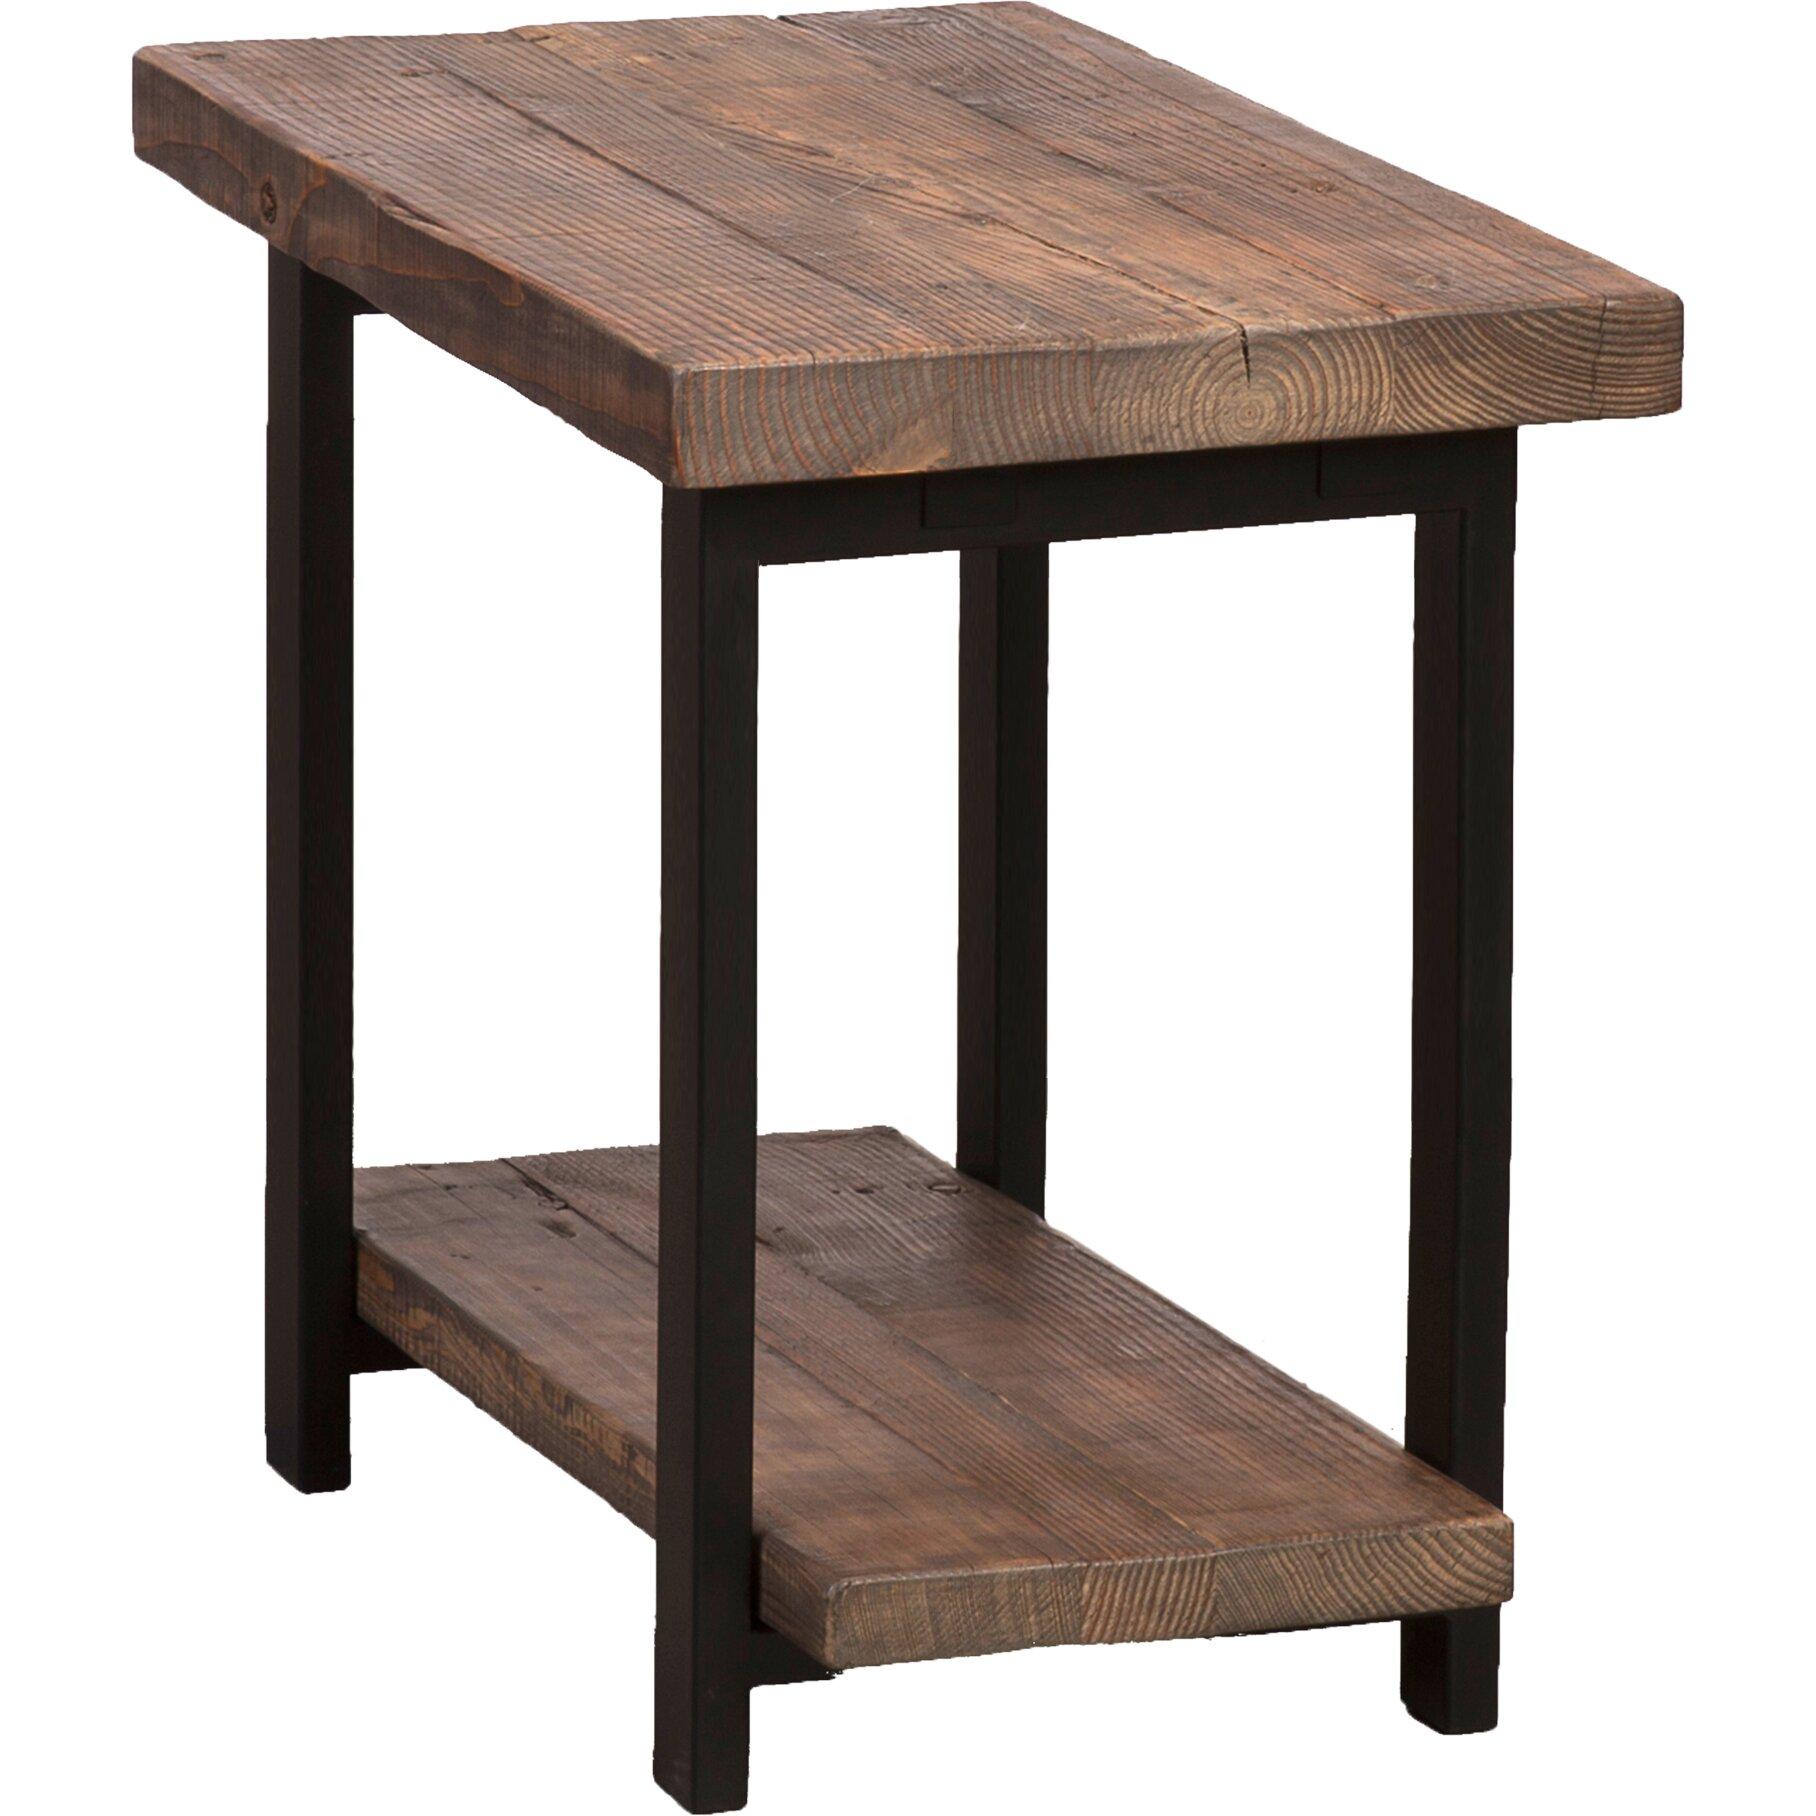 loon peak somers reclaimed wood metal end table reviews wayfair. Black Bedroom Furniture Sets. Home Design Ideas